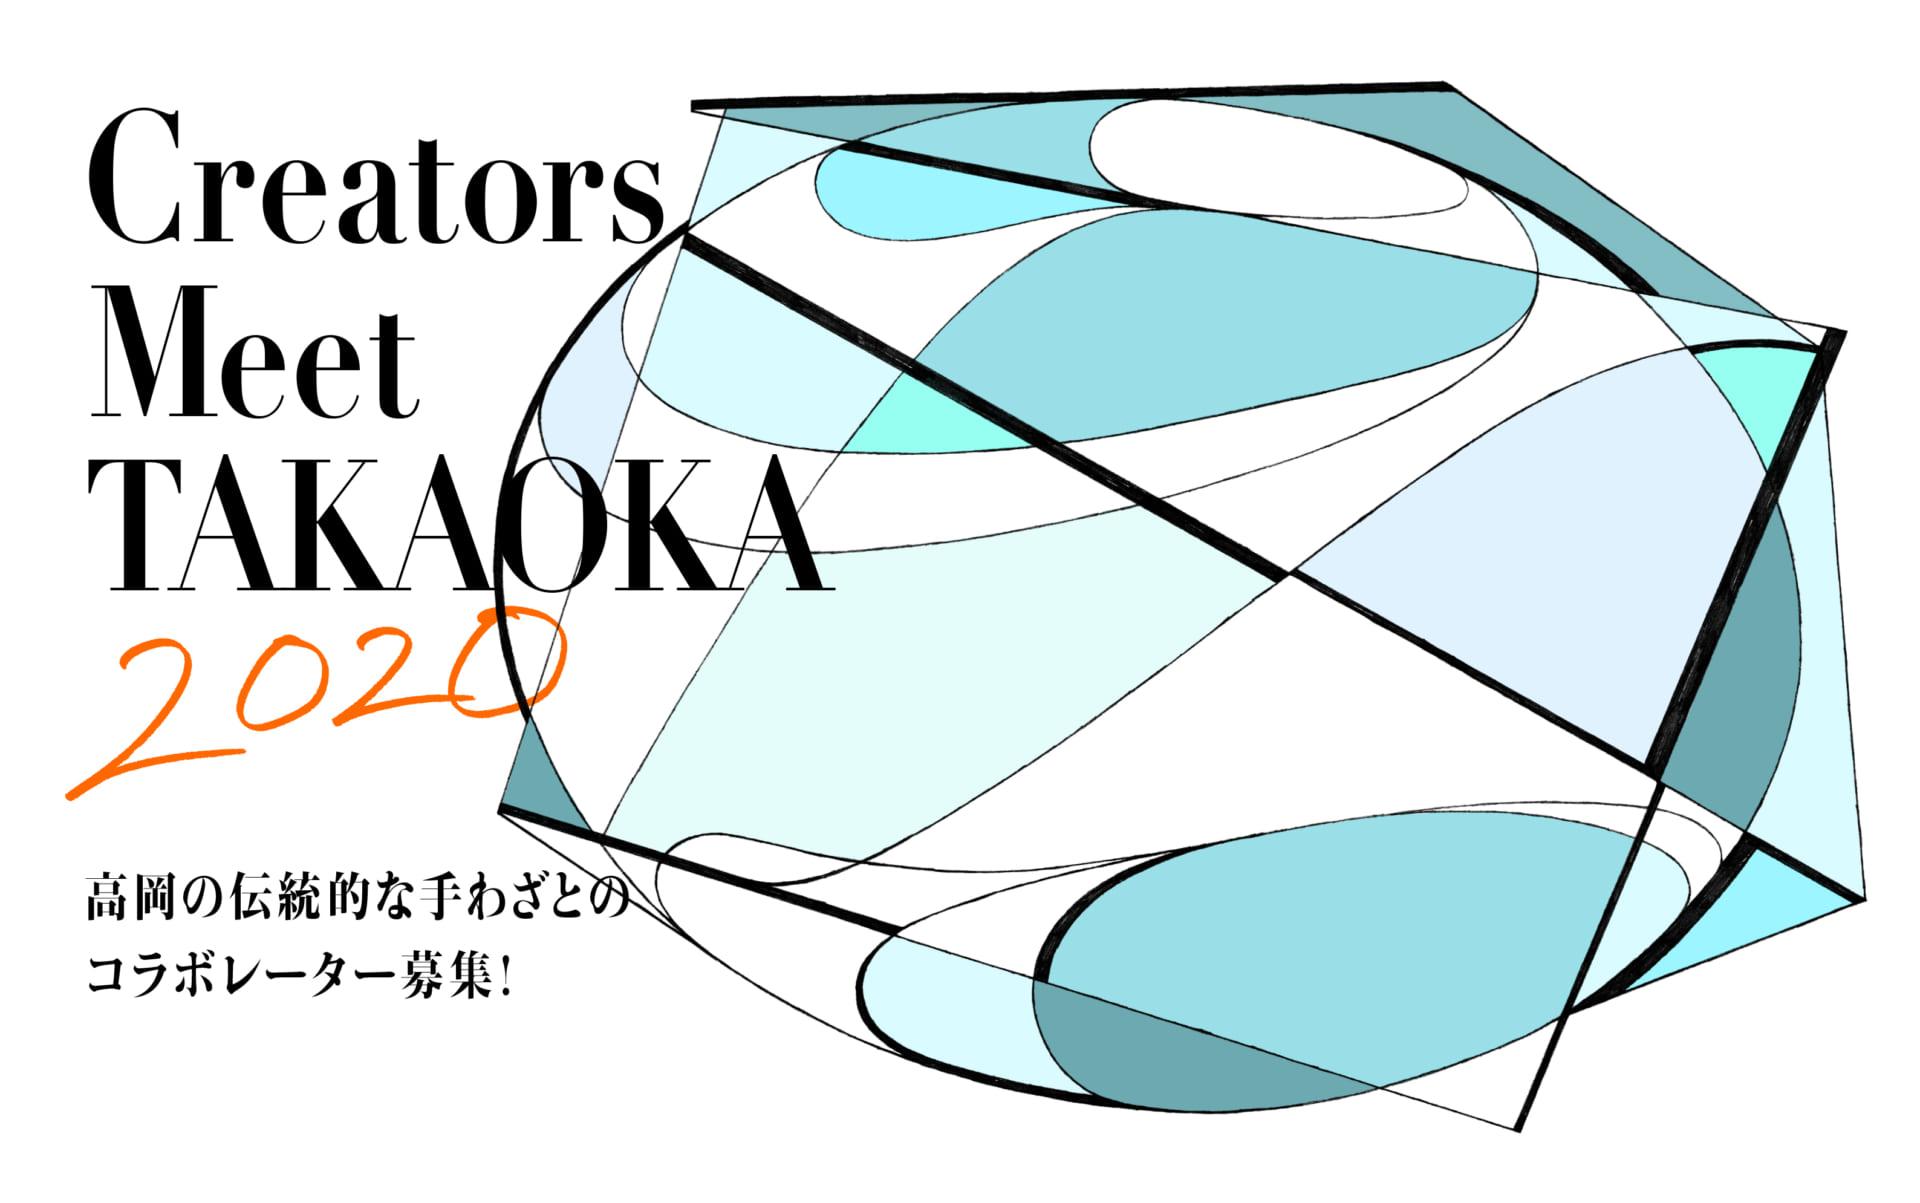 富山県高岡市発、伝統工芸に新たな価値を付加 「Creators Meet TAKAOKA 2020」がクリエイターを募集 | Webマガジン「AXIS」 | デザインのWebメディア